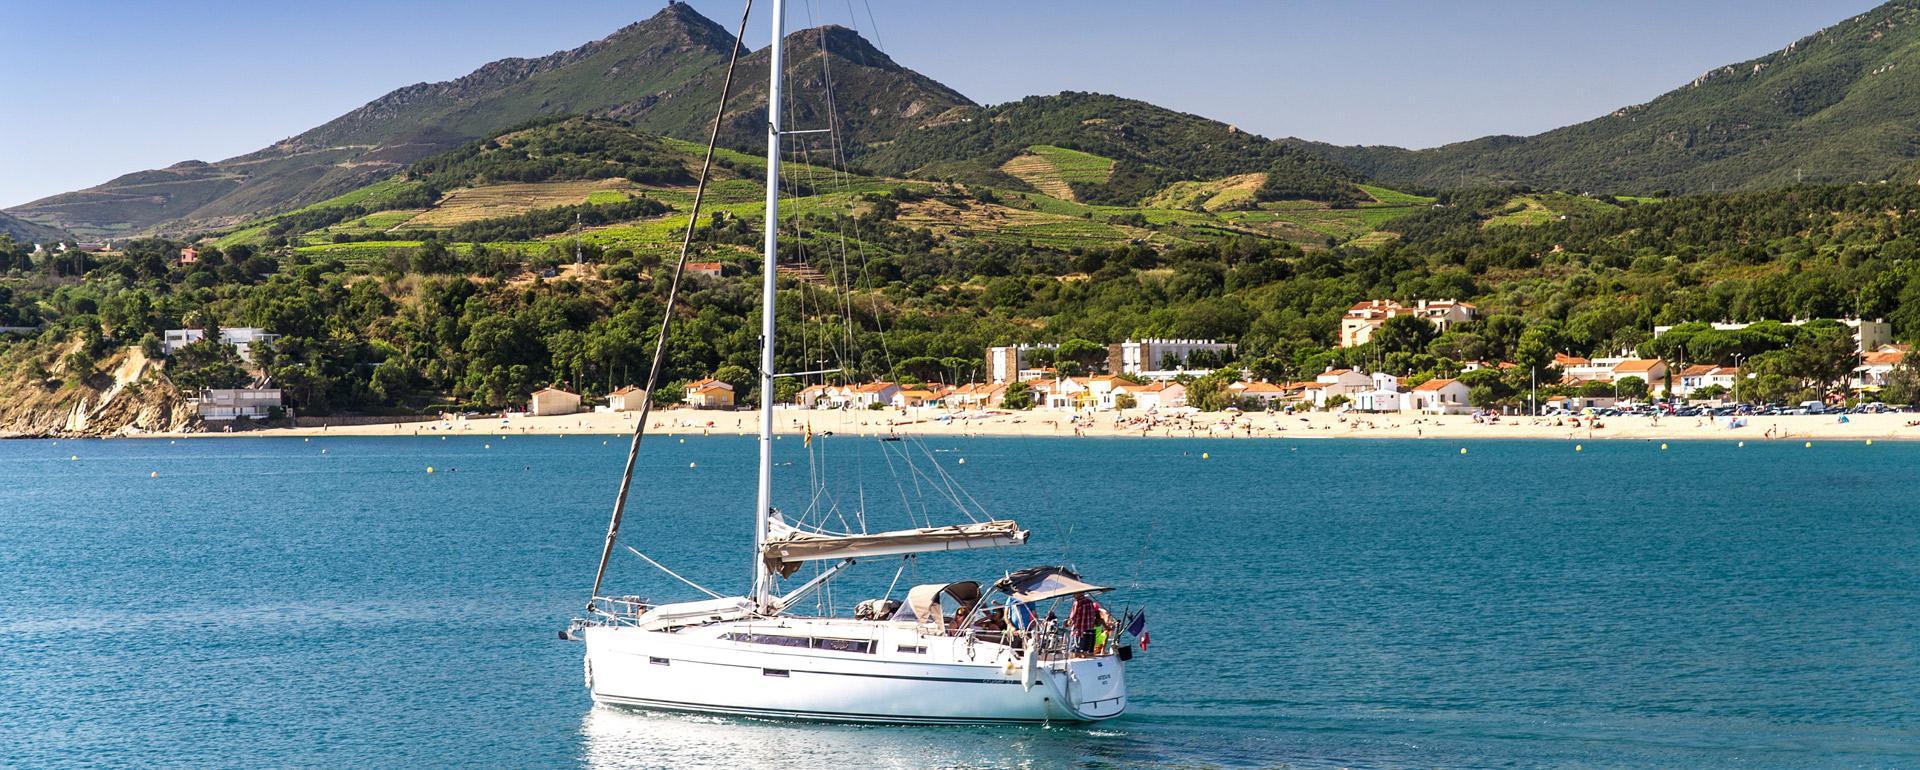 Argelès-sur-Mer, anse du Portell